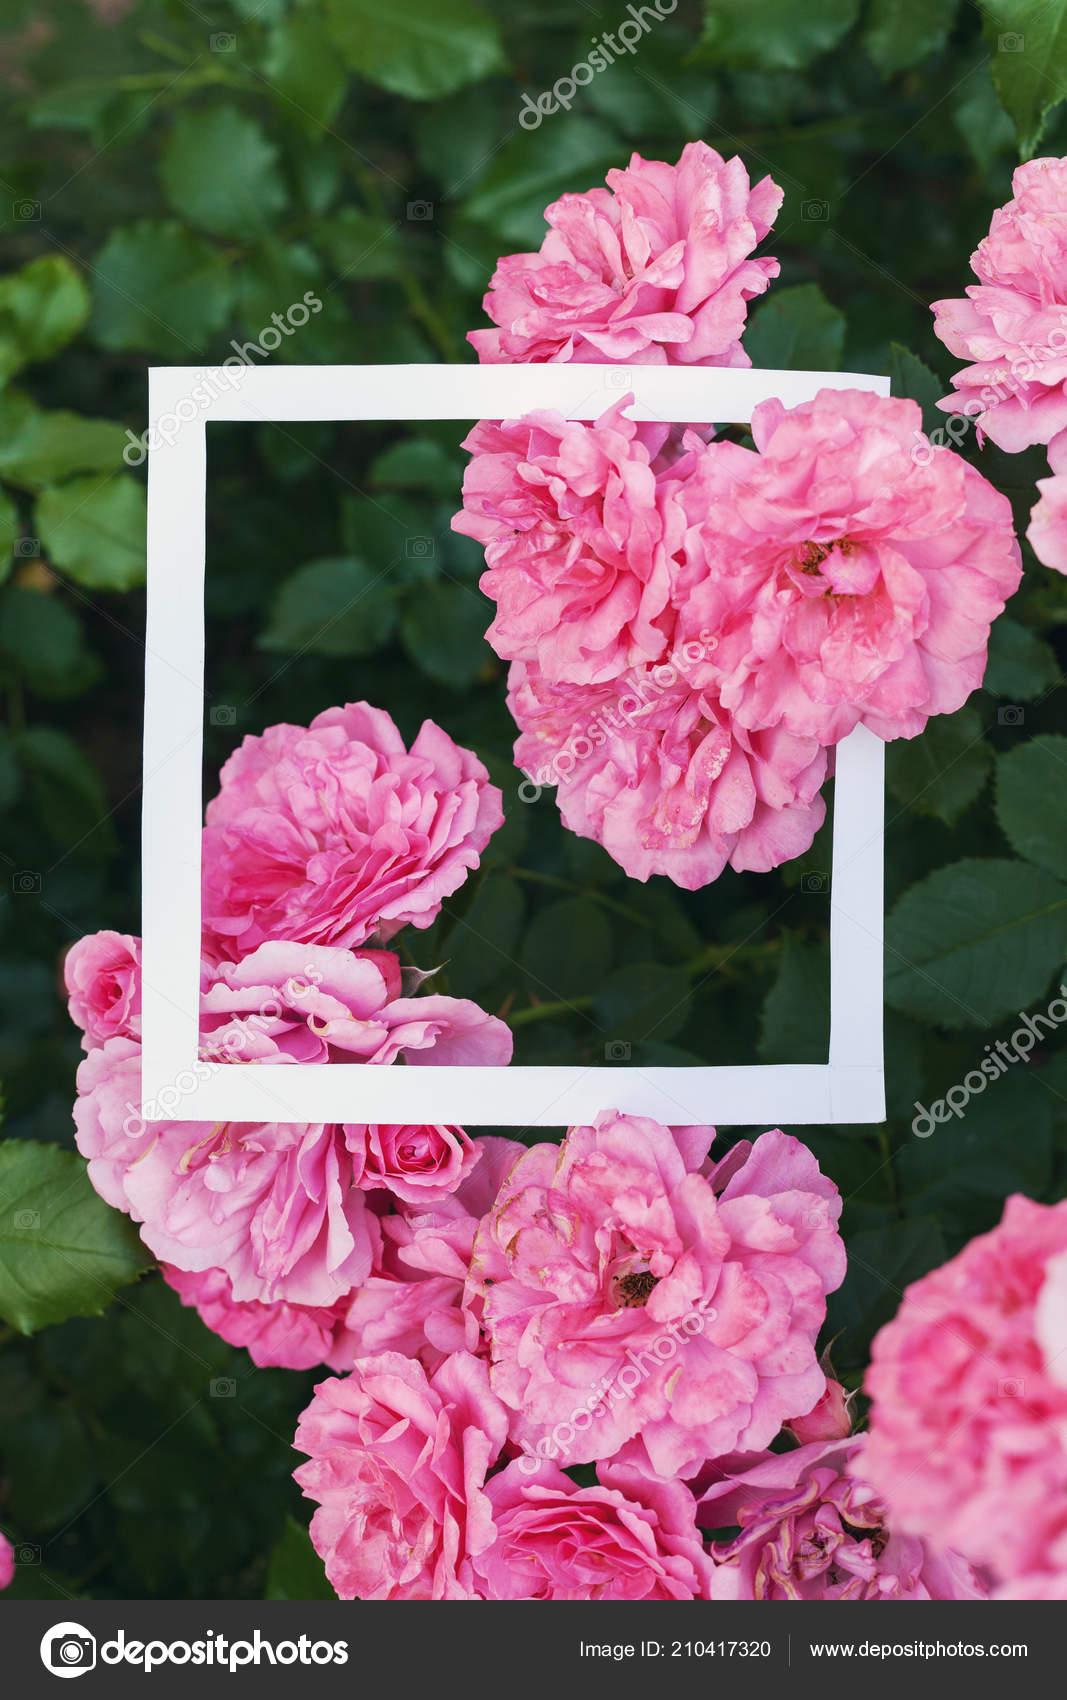 Kreative Und Natur Konzept Blüten Rosa Rose Mit Papier Karte